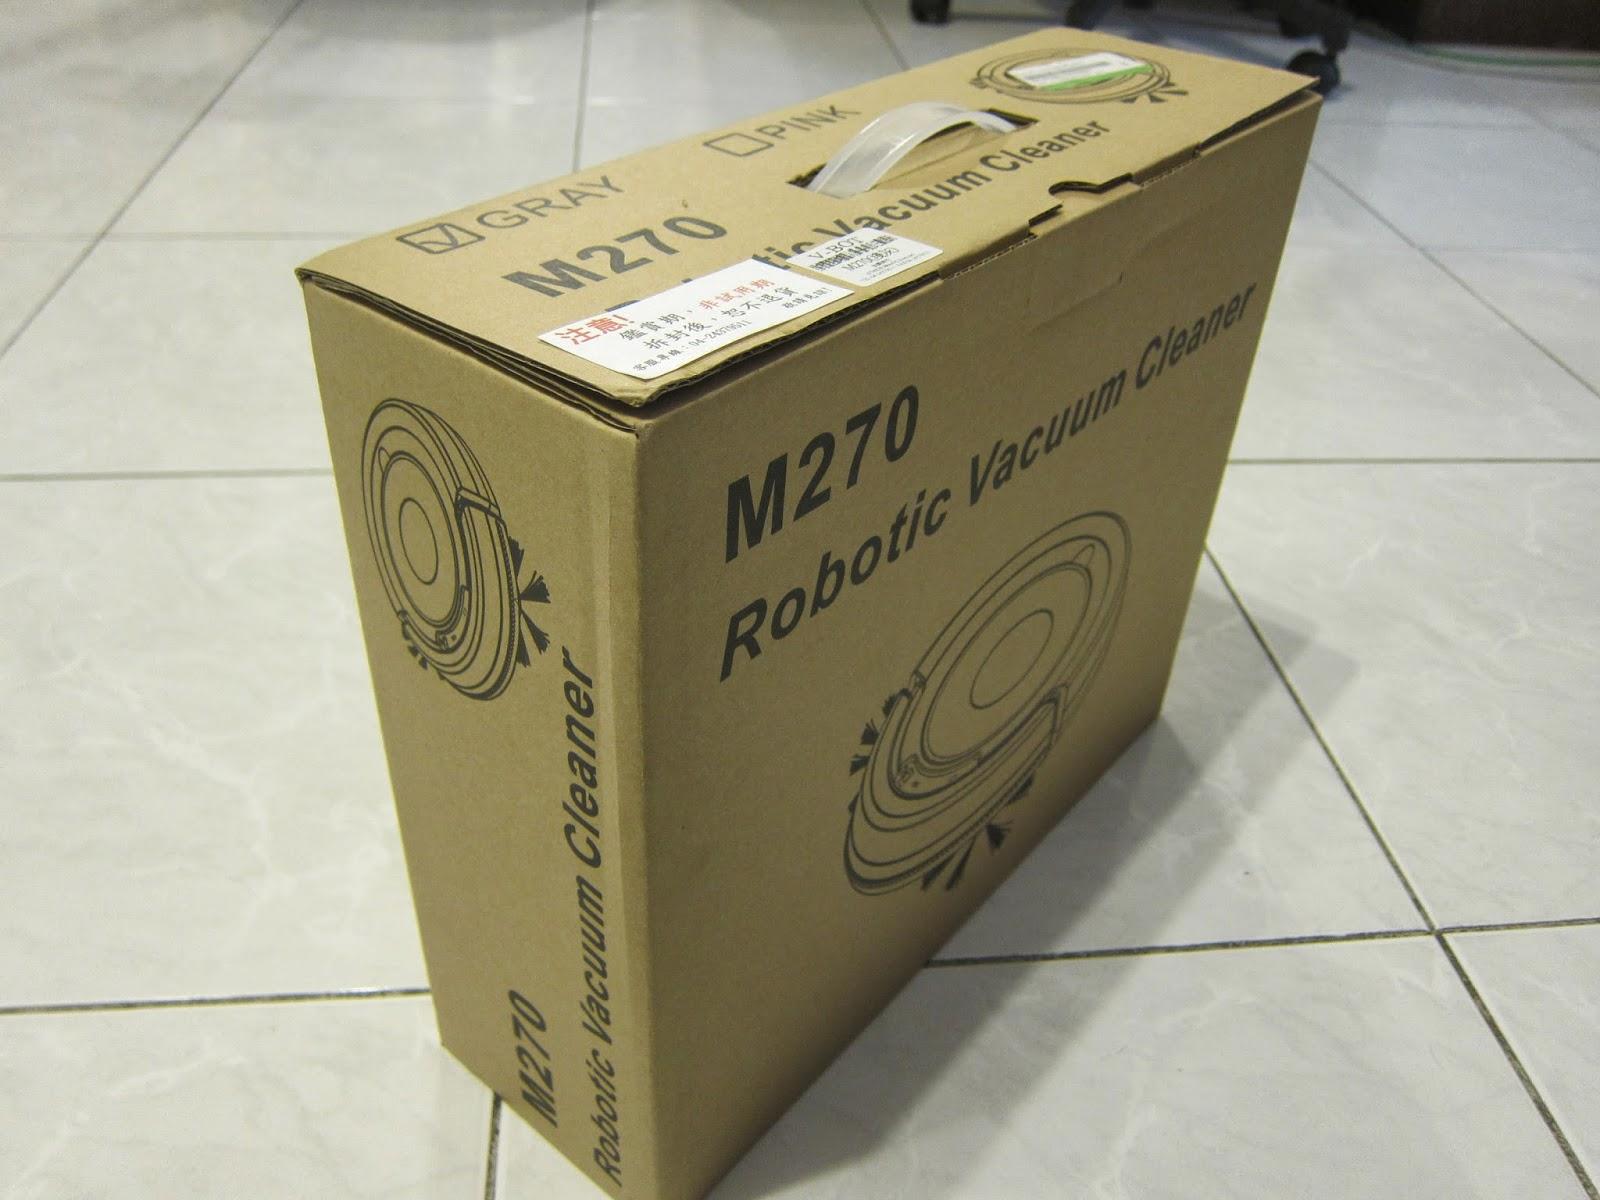 IMG 2244 - [開箱] V-BOT M270 迷你智慧型掃地機器人